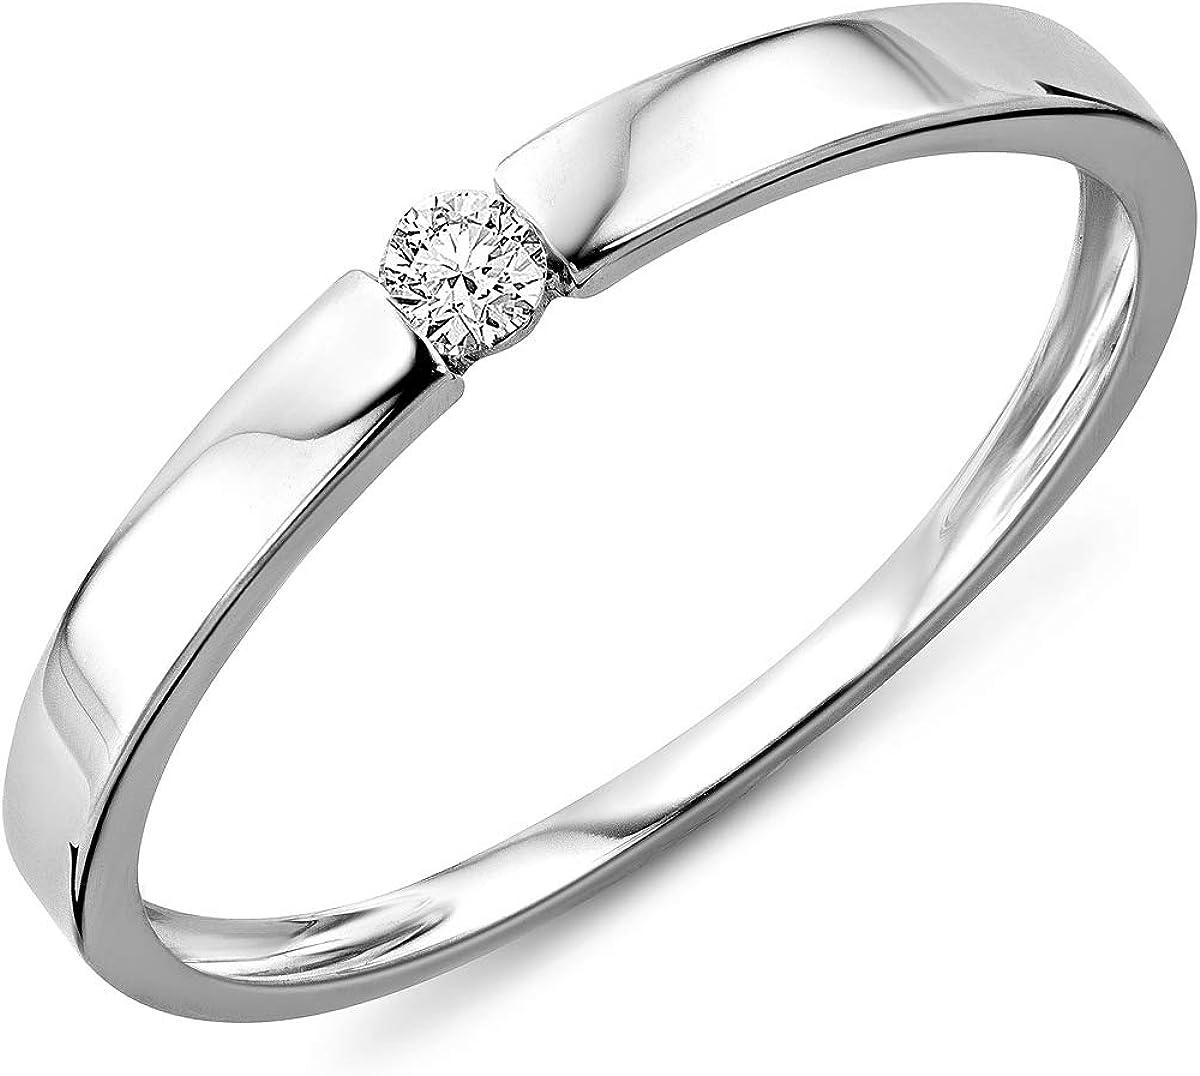 Mujer-ring Miore Solitaire 9 Quilates (375) oro blanco con texto en blanco talla redonda 05ct, 0 crotalo - M9067R